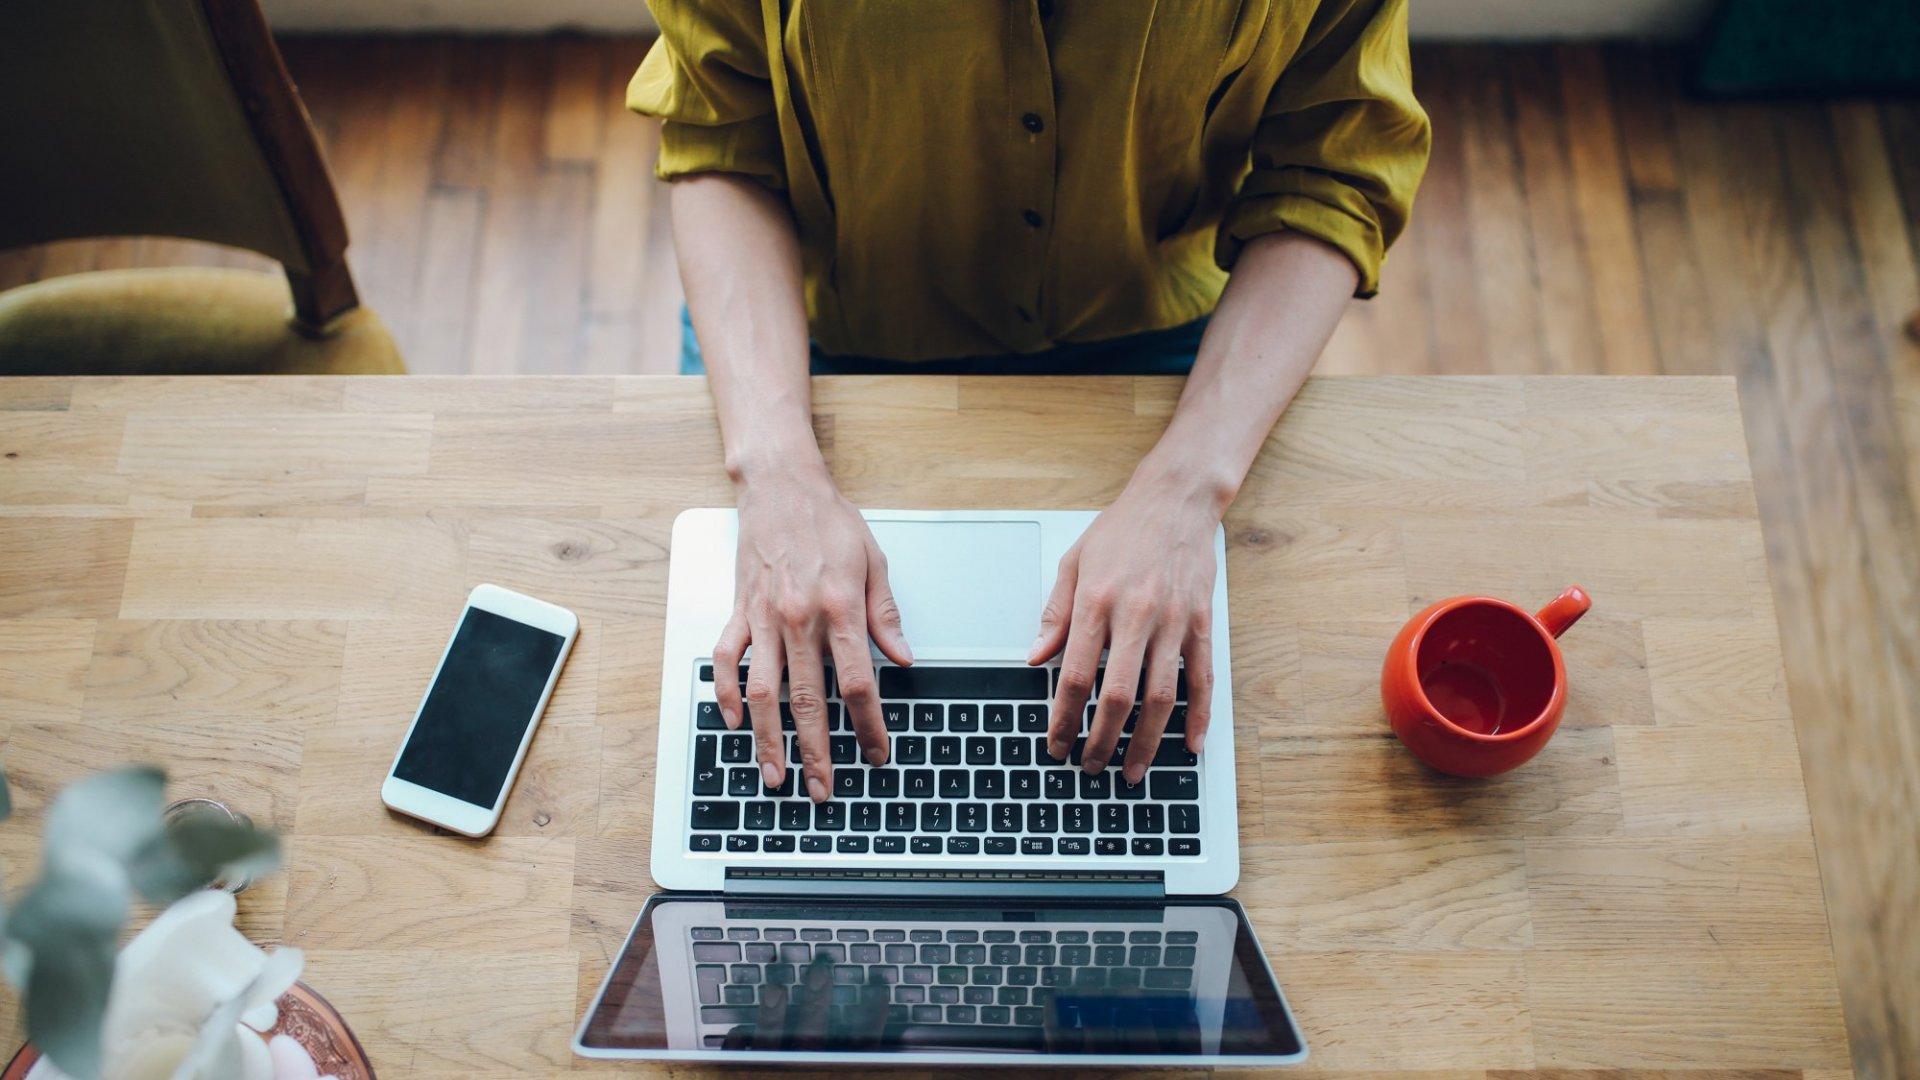 6 Surprising Factors that Affect Millennial Work-Life Balance